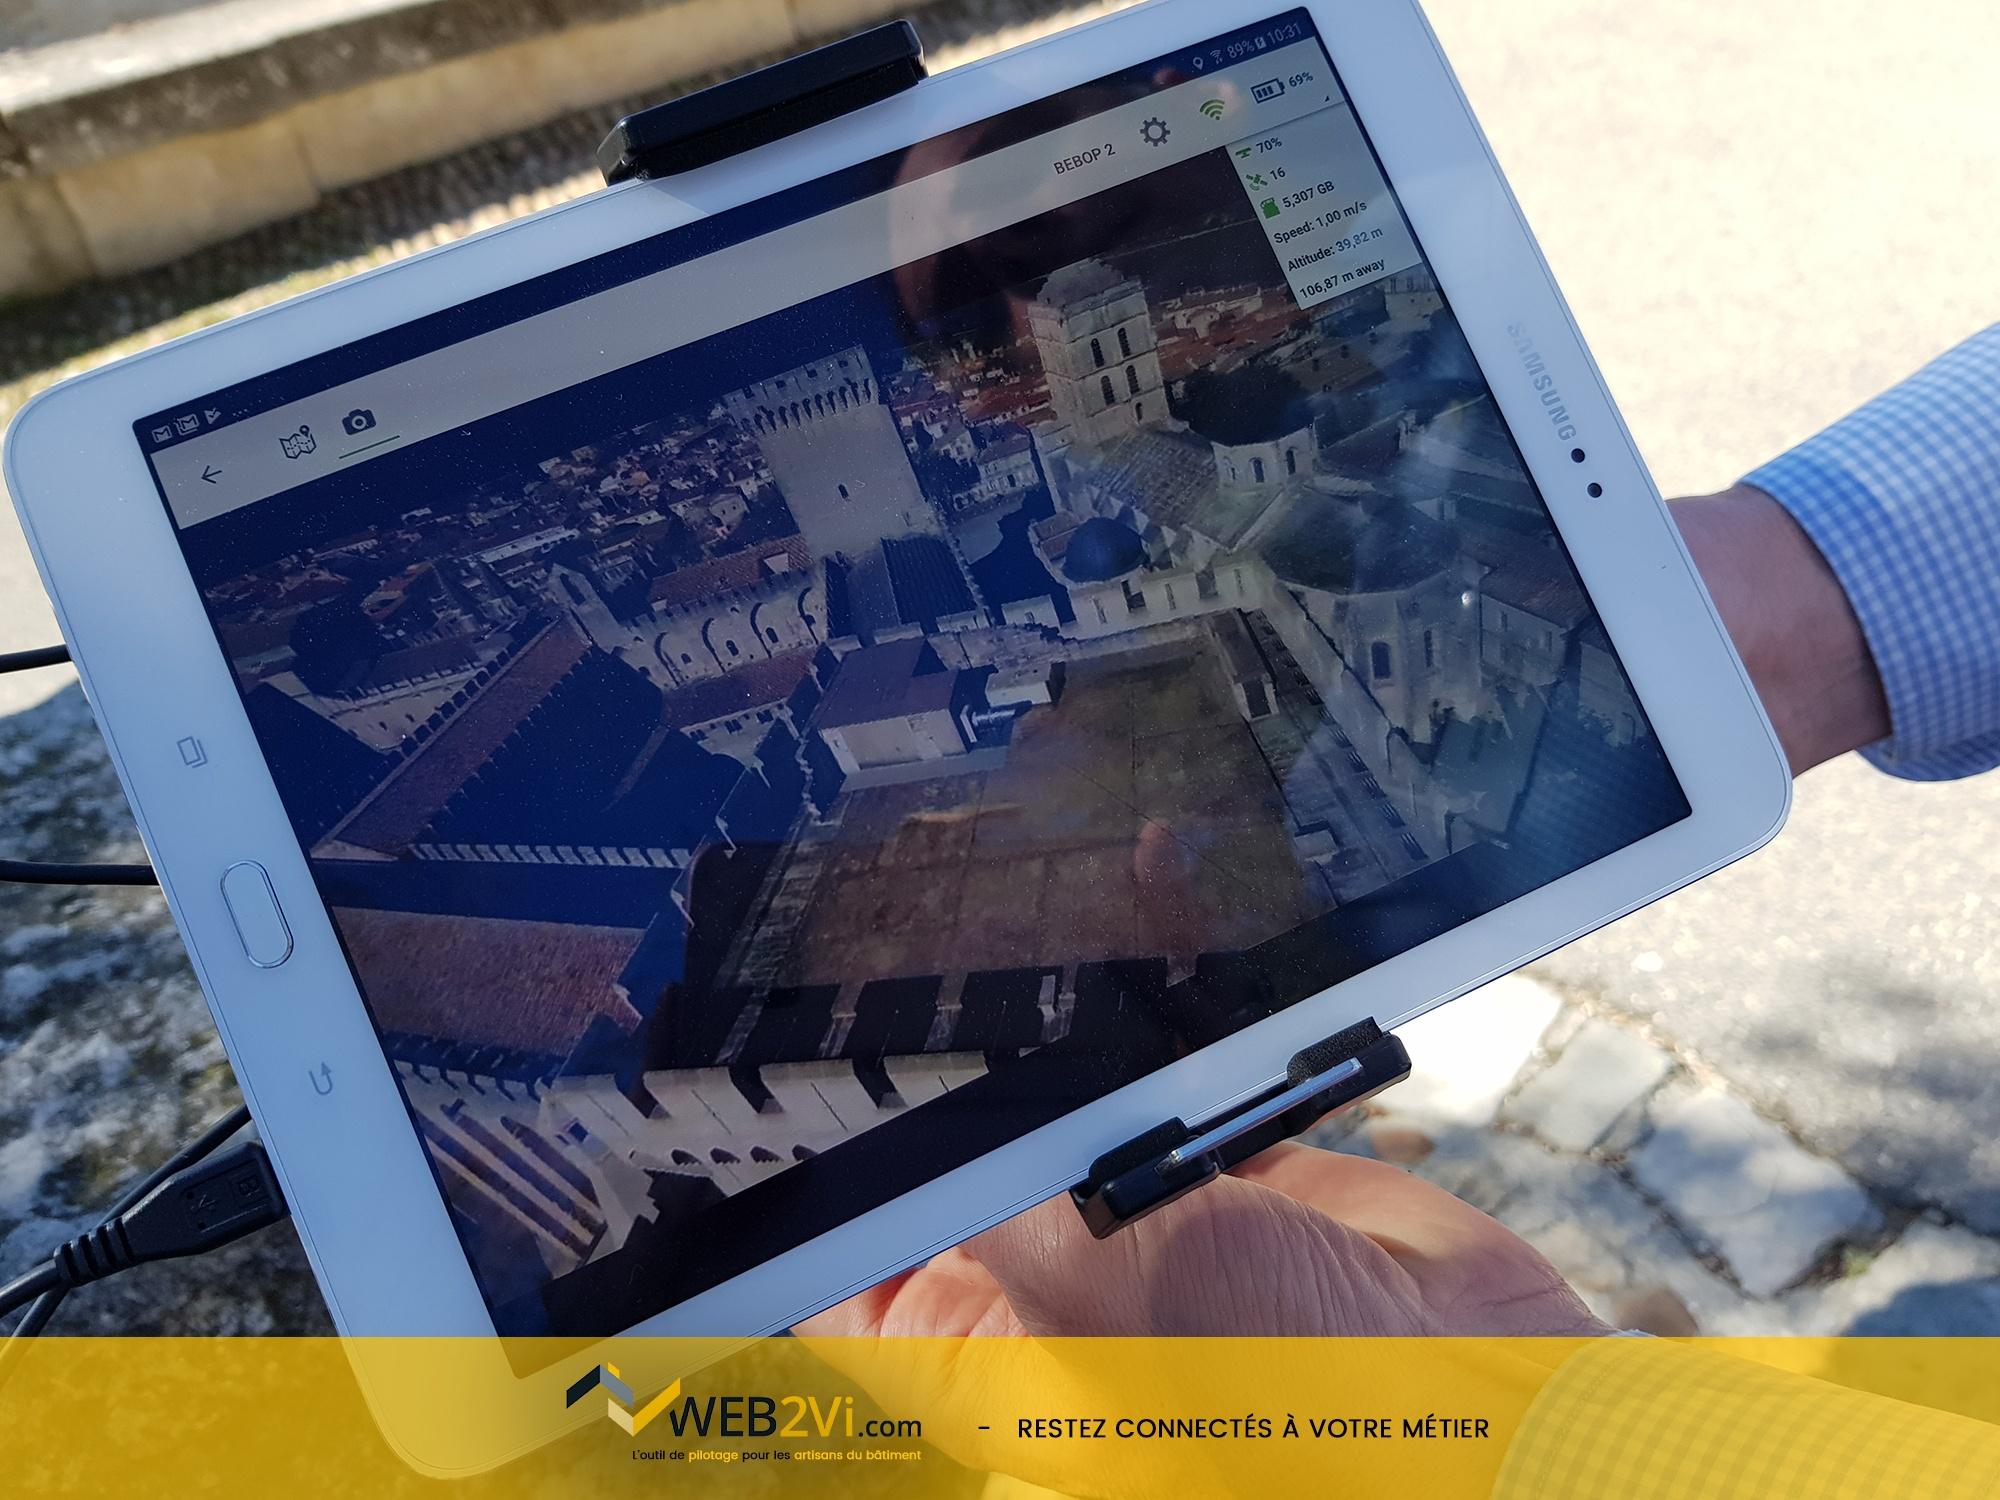 Rencontres UNCP 2018 Avignon Palais des Papes Web2vi drone Parrot métré 3D démonstration maquette